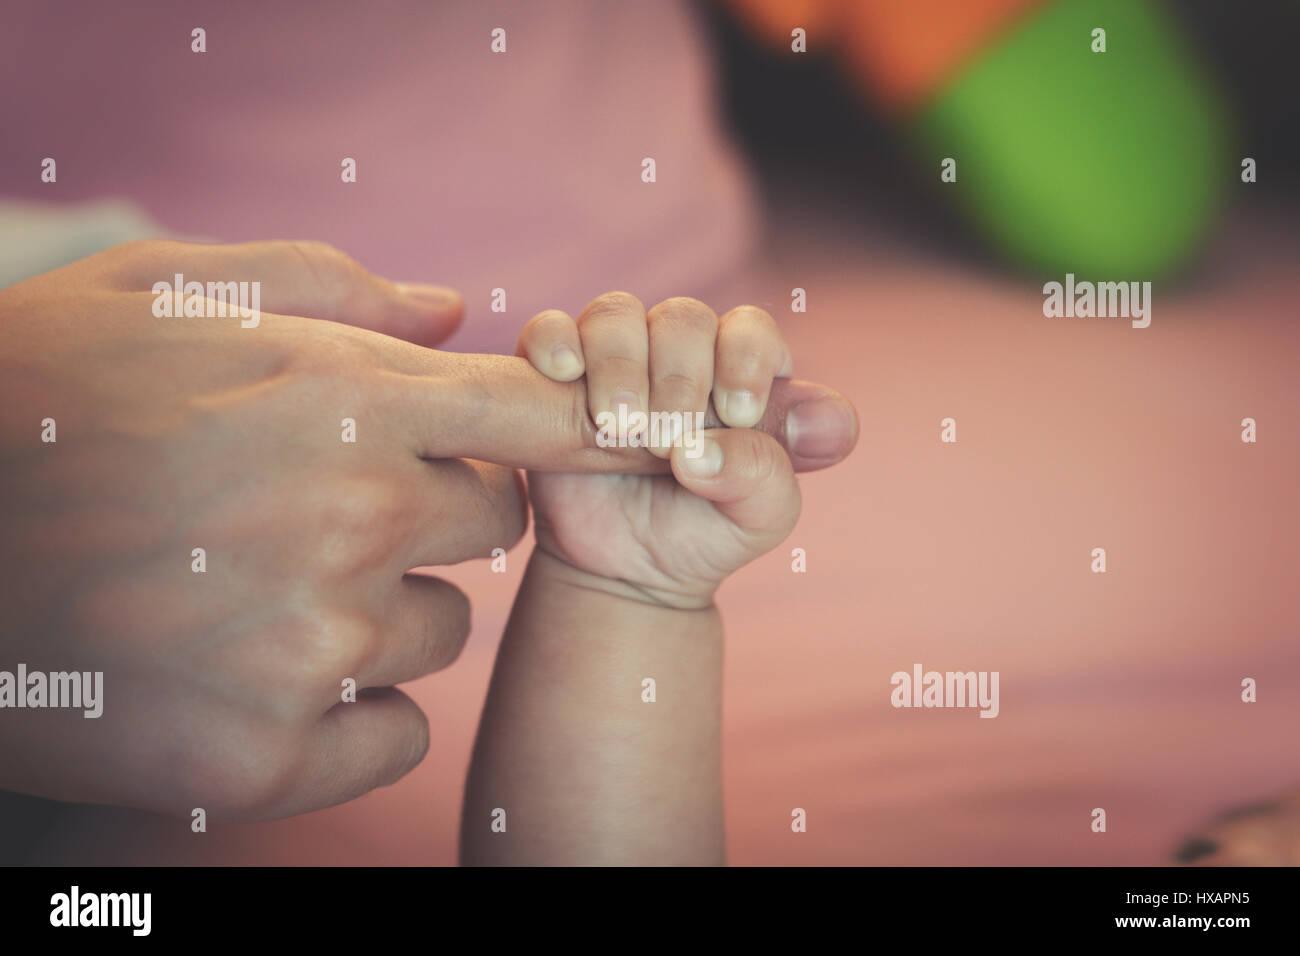 Newborn baby touching his mother hand Stock Photo